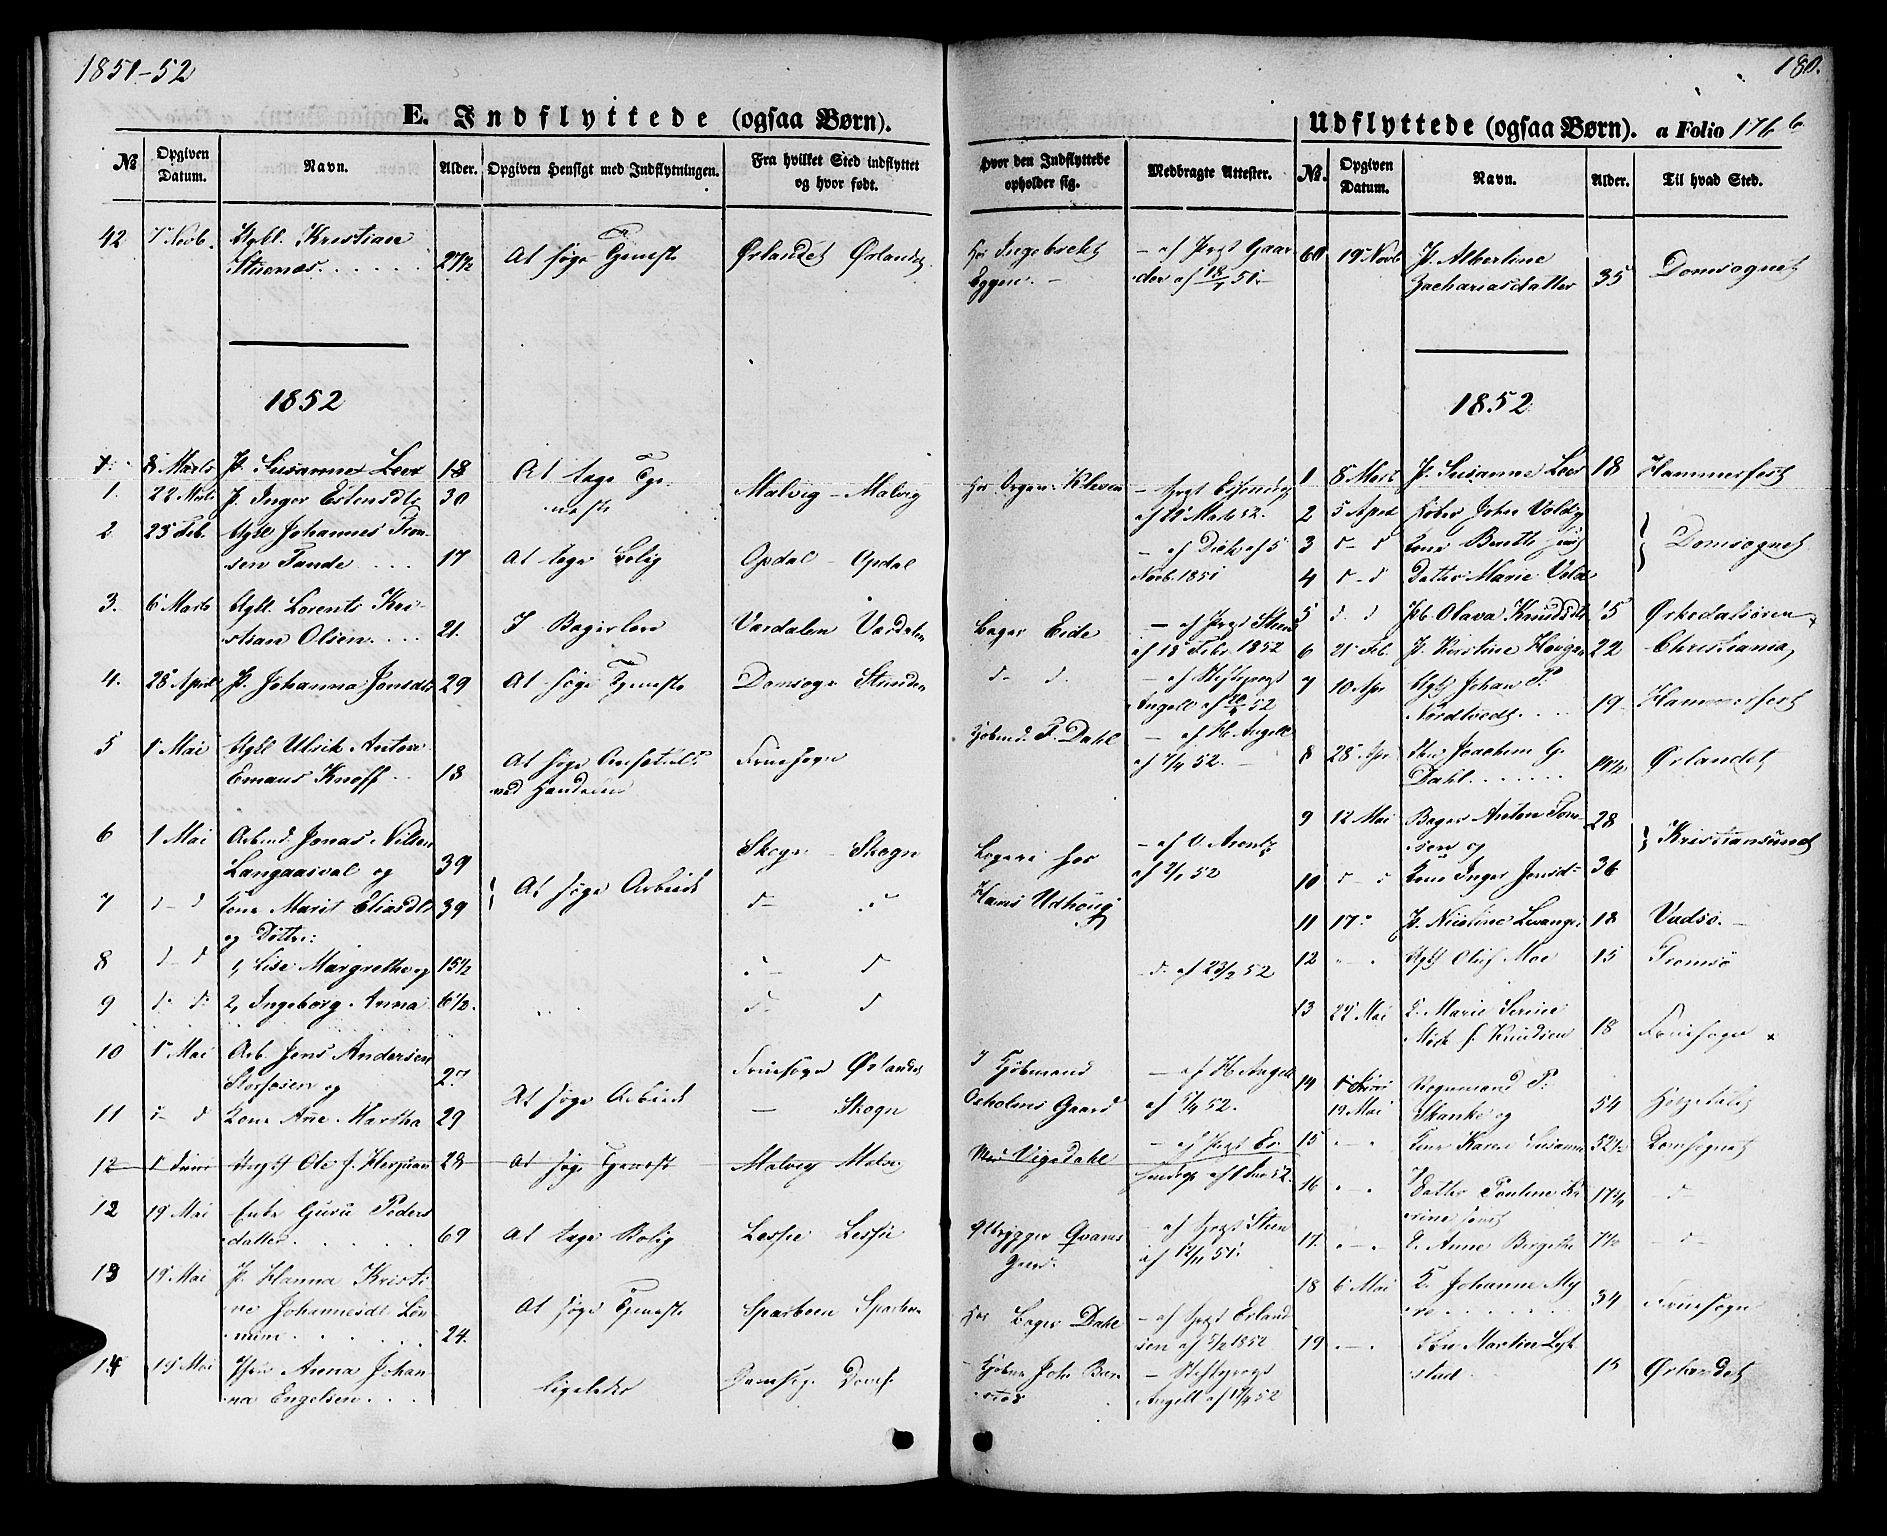 SAT, Ministerialprotokoller, klokkerbøker og fødselsregistre - Sør-Trøndelag, 604/L0184: Ministerialbok nr. 604A05, 1851-1860, s. 180